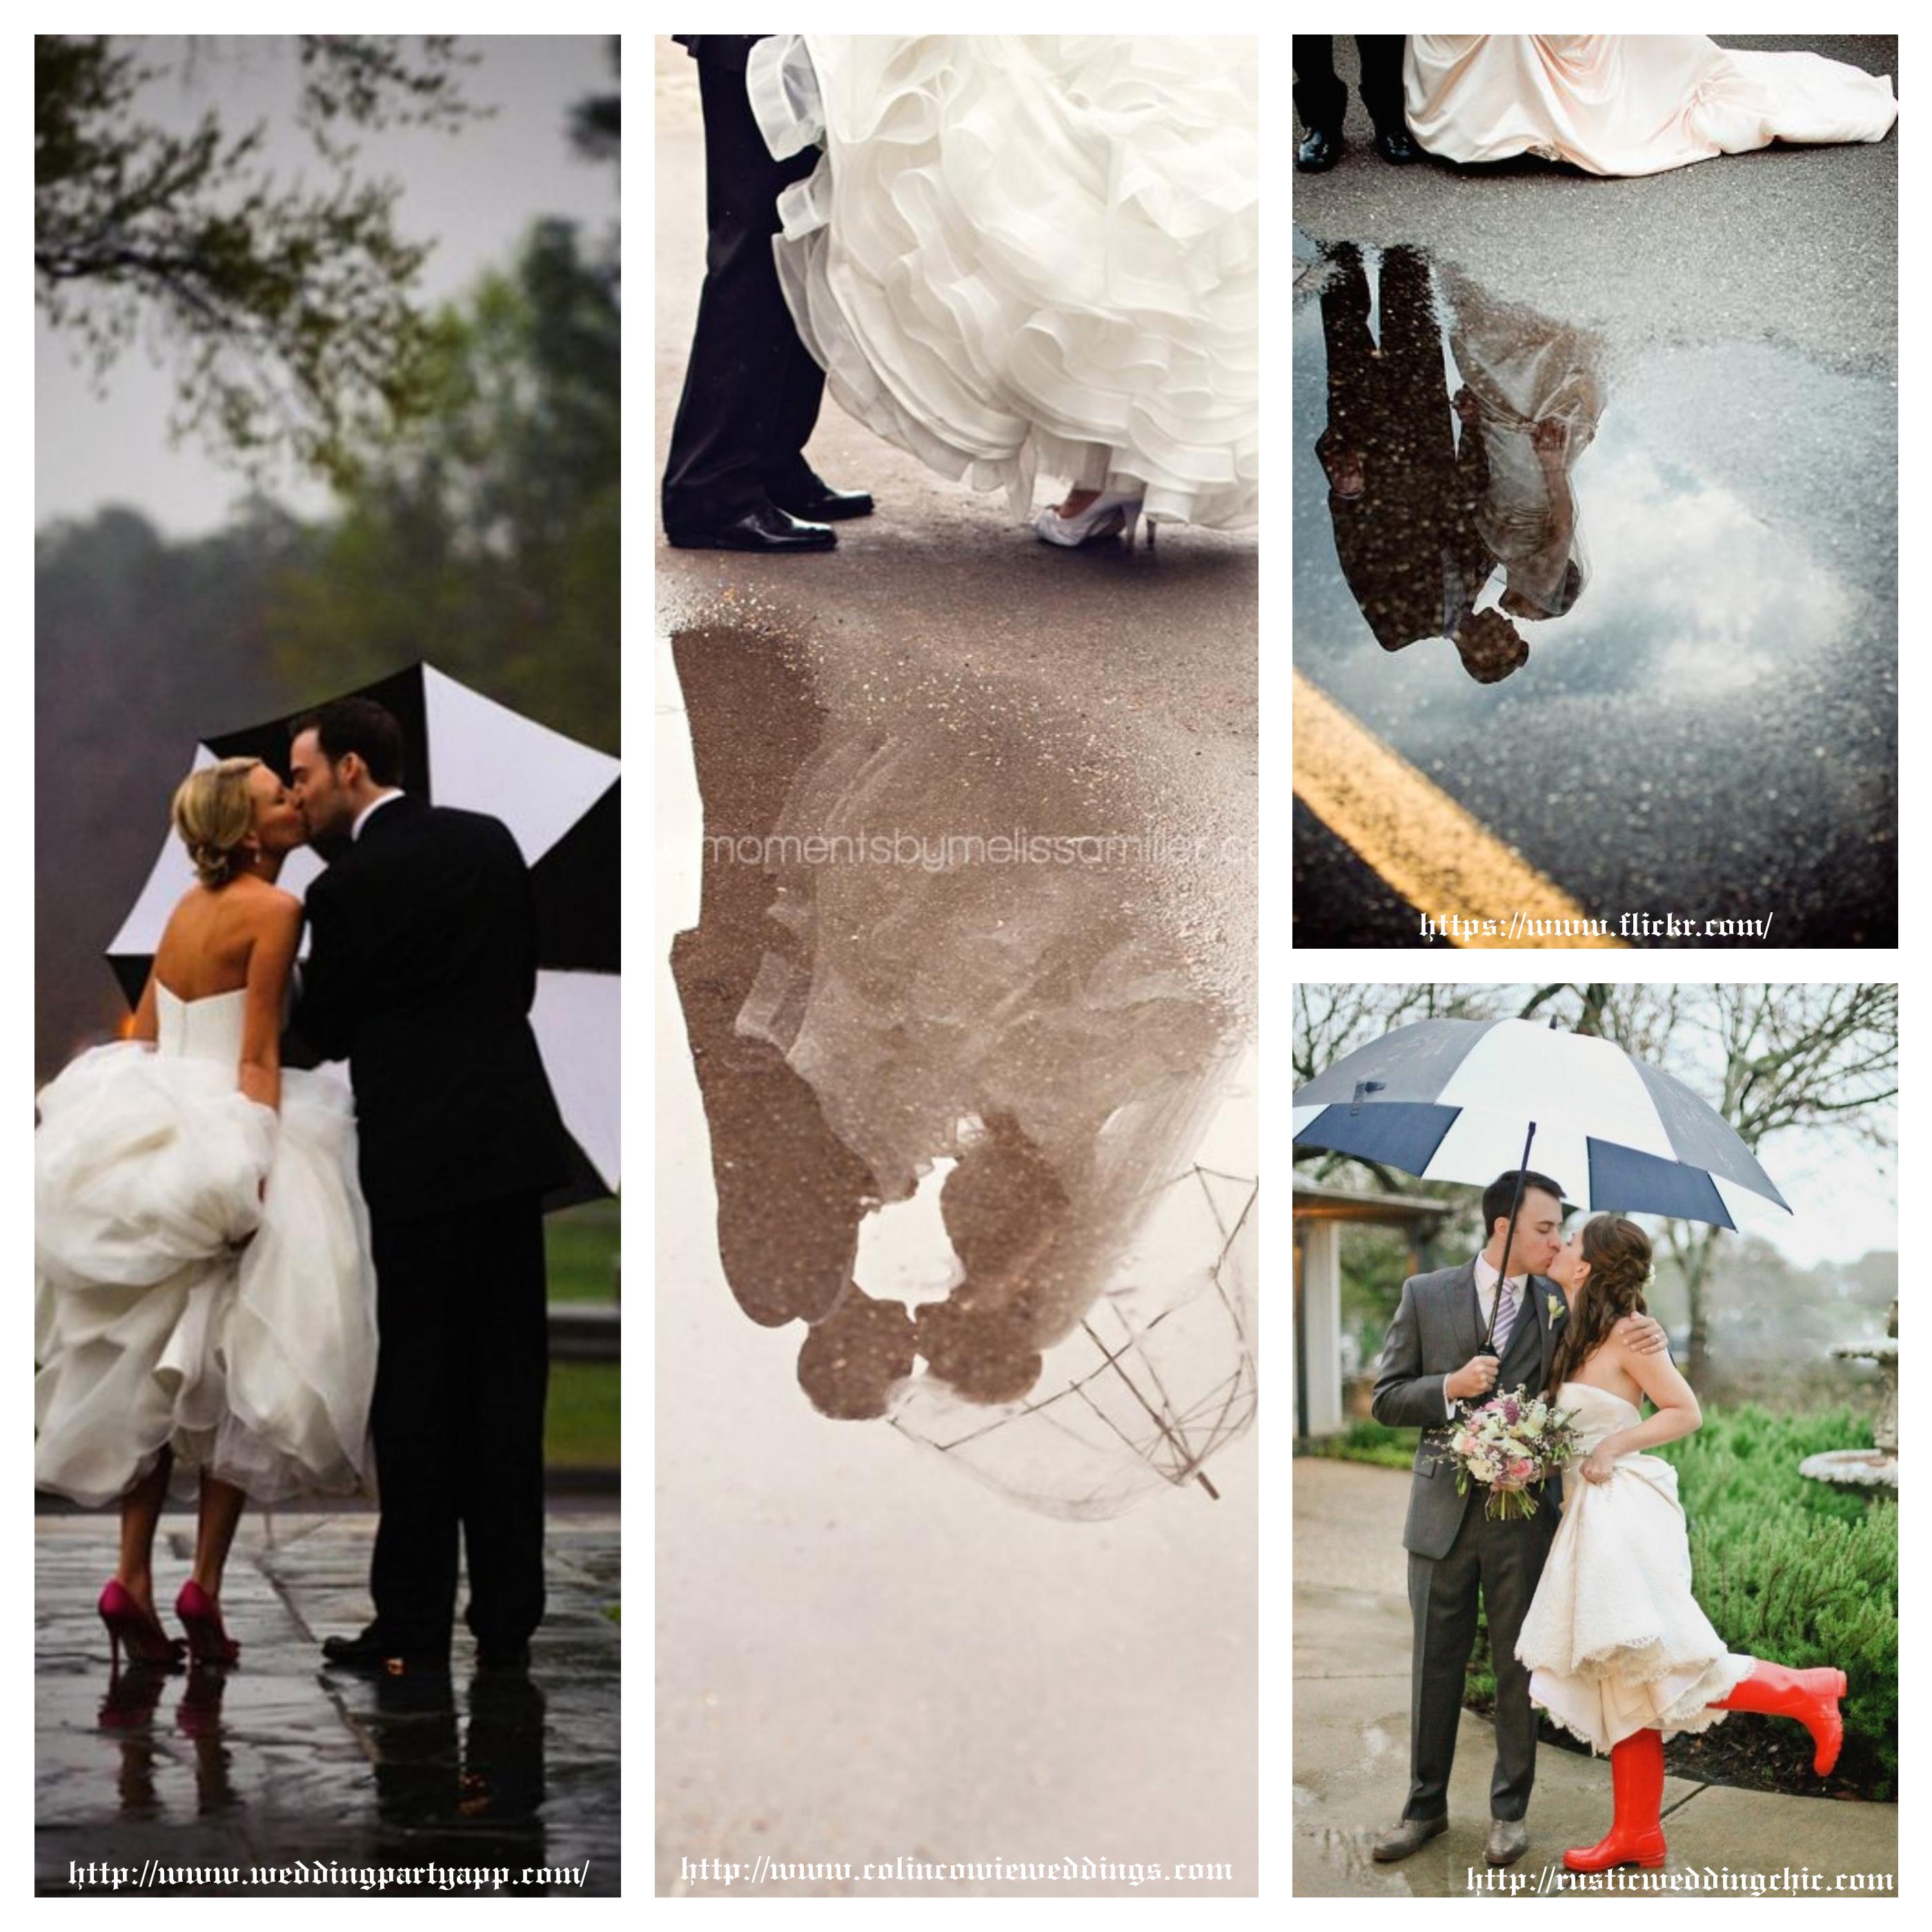 dest a svatba